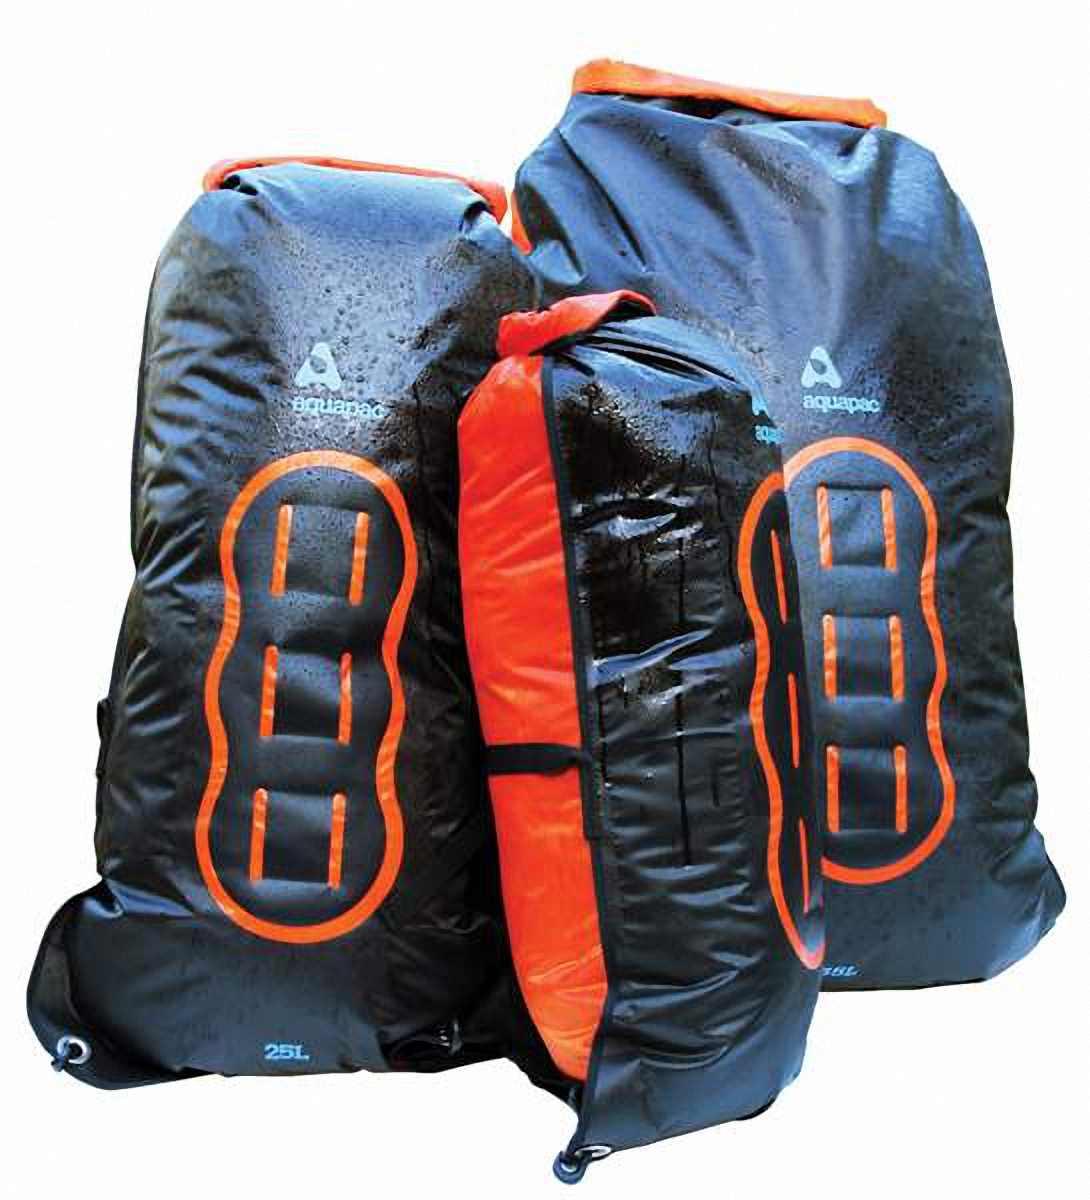 Водонепроницаемый гермомешок-рюкзак (с двумя плечевыми ремнями) Aquapac 778 - Noatak Wet & Drybag - 25L.. Aquapac - №1 в мире водонепроницаемых чехлов и сумок. Фото 4